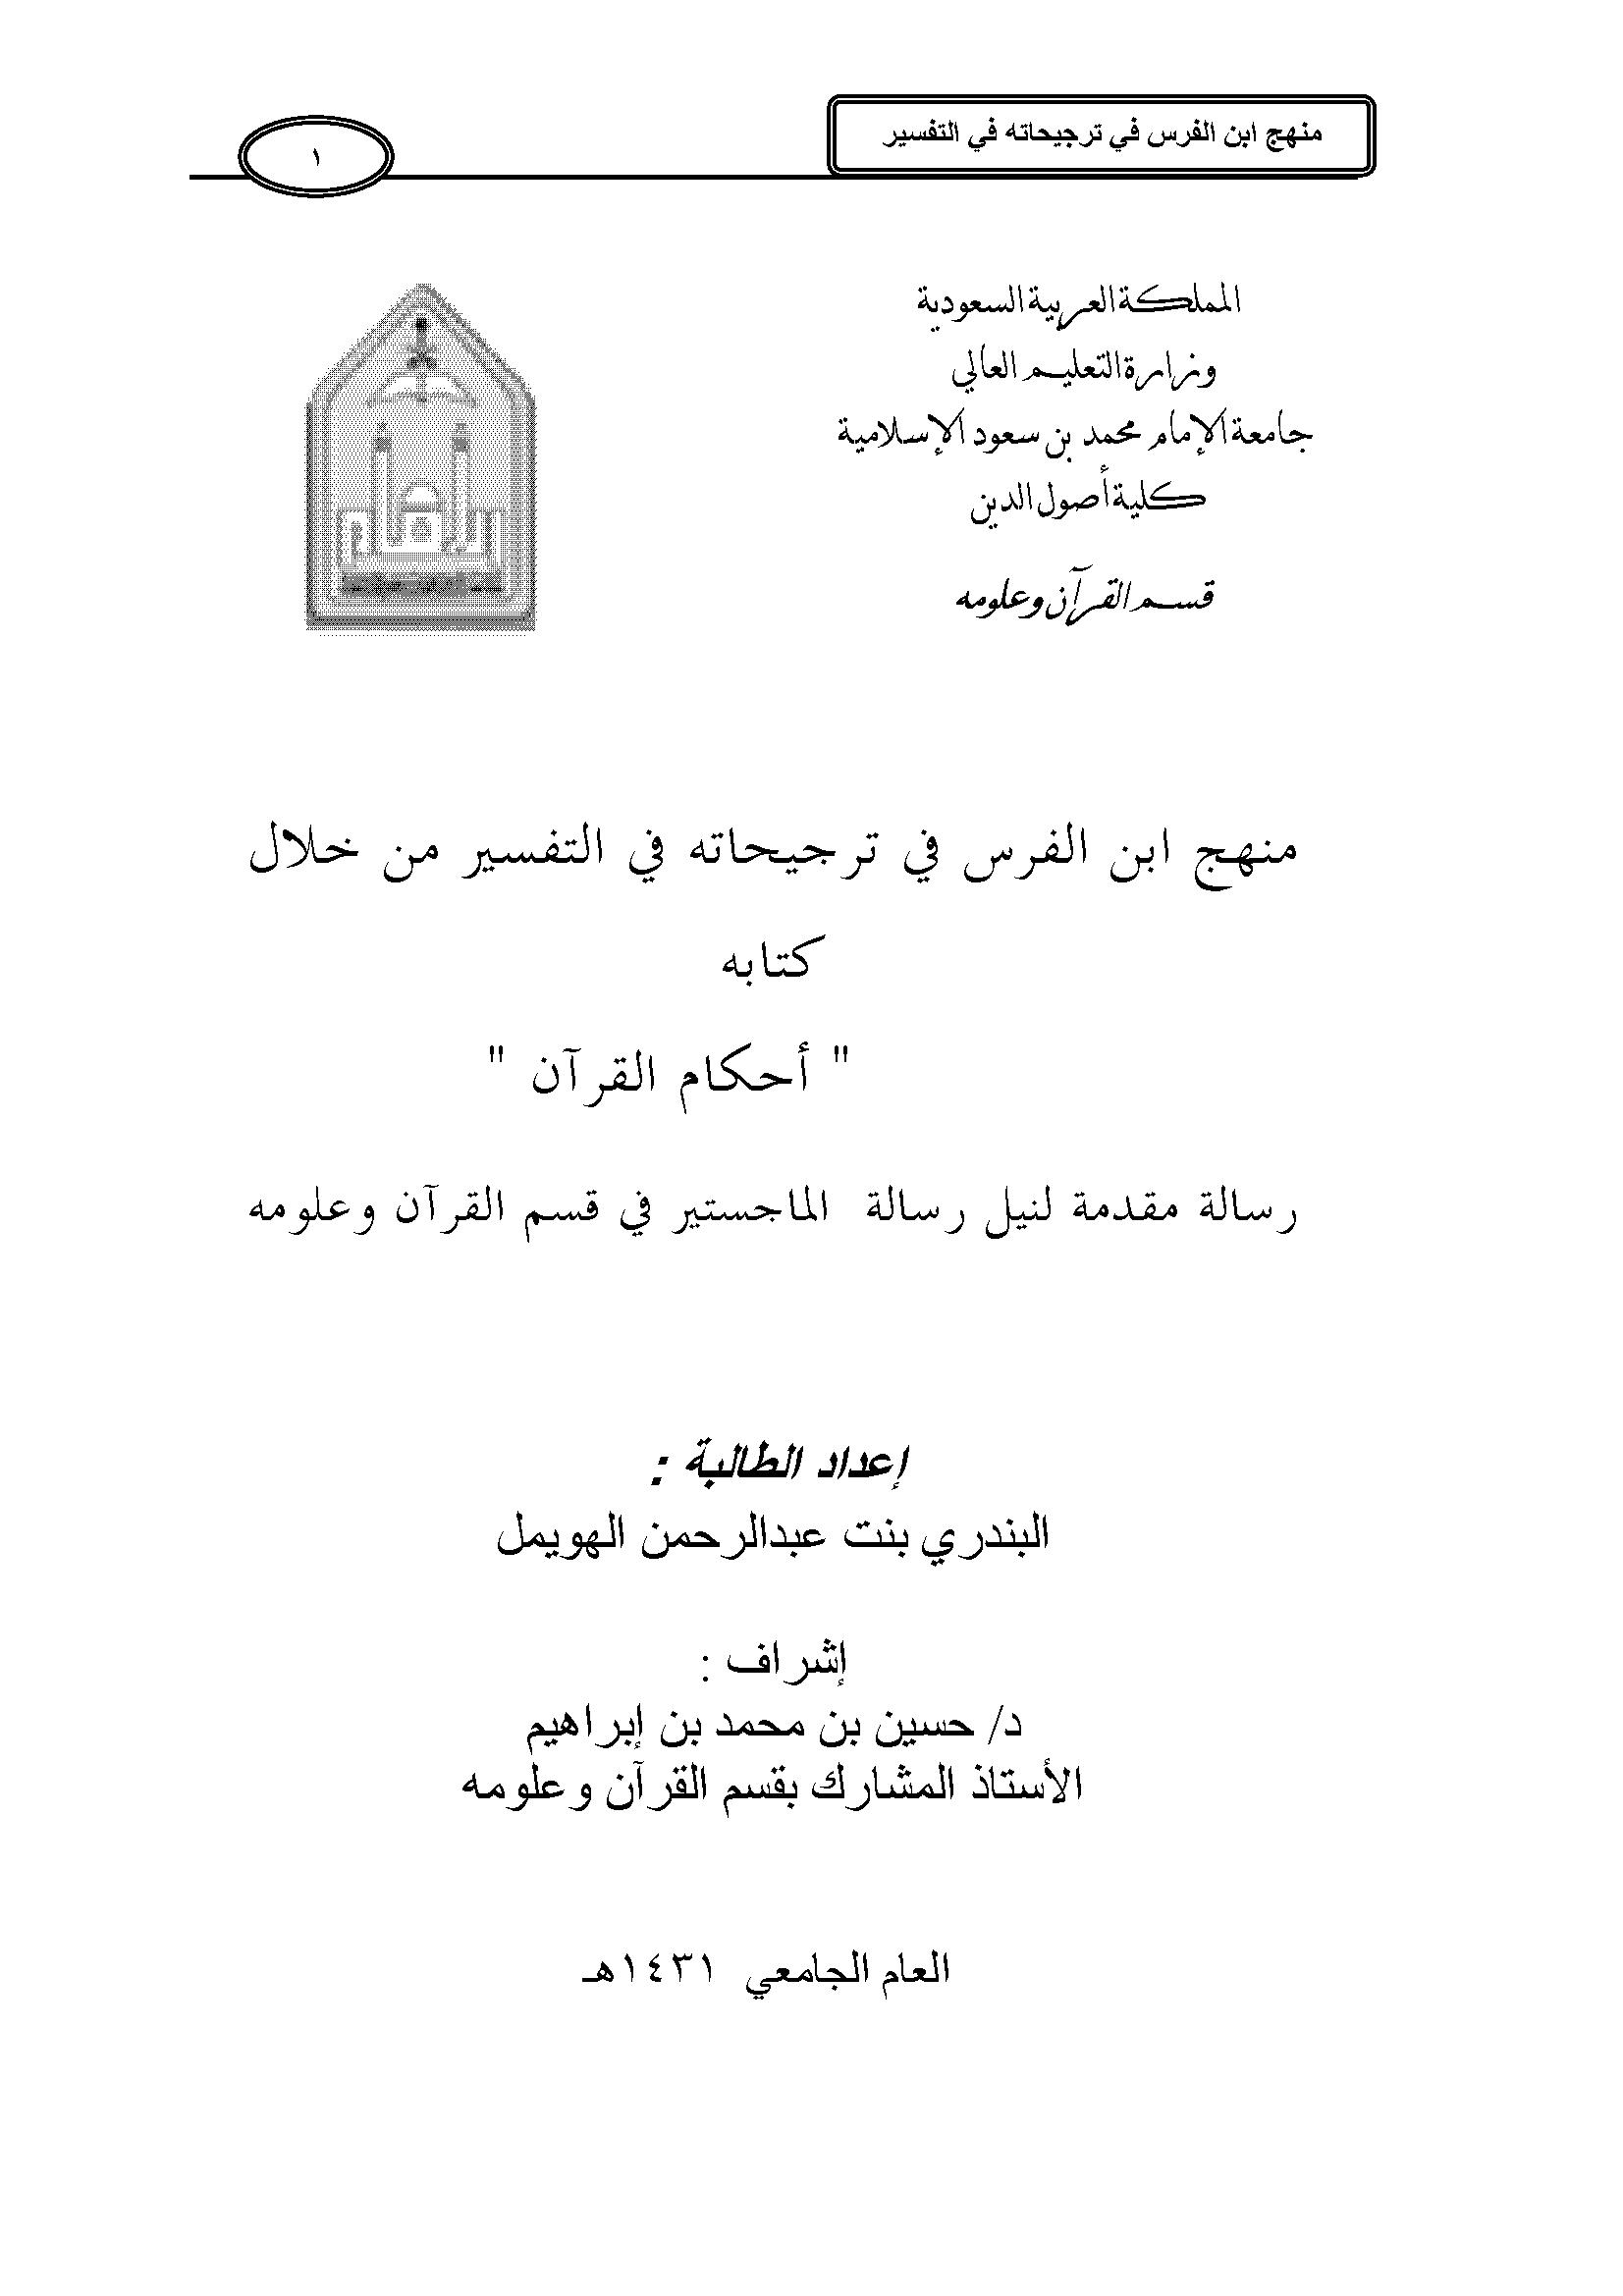 تحميل كتاب منهج ابن الفرس في ترجيحاته في التفسير من خلال كتابه «أحكام القرآن» لـِ: البندري بنت عبد الرحمن الهويمل